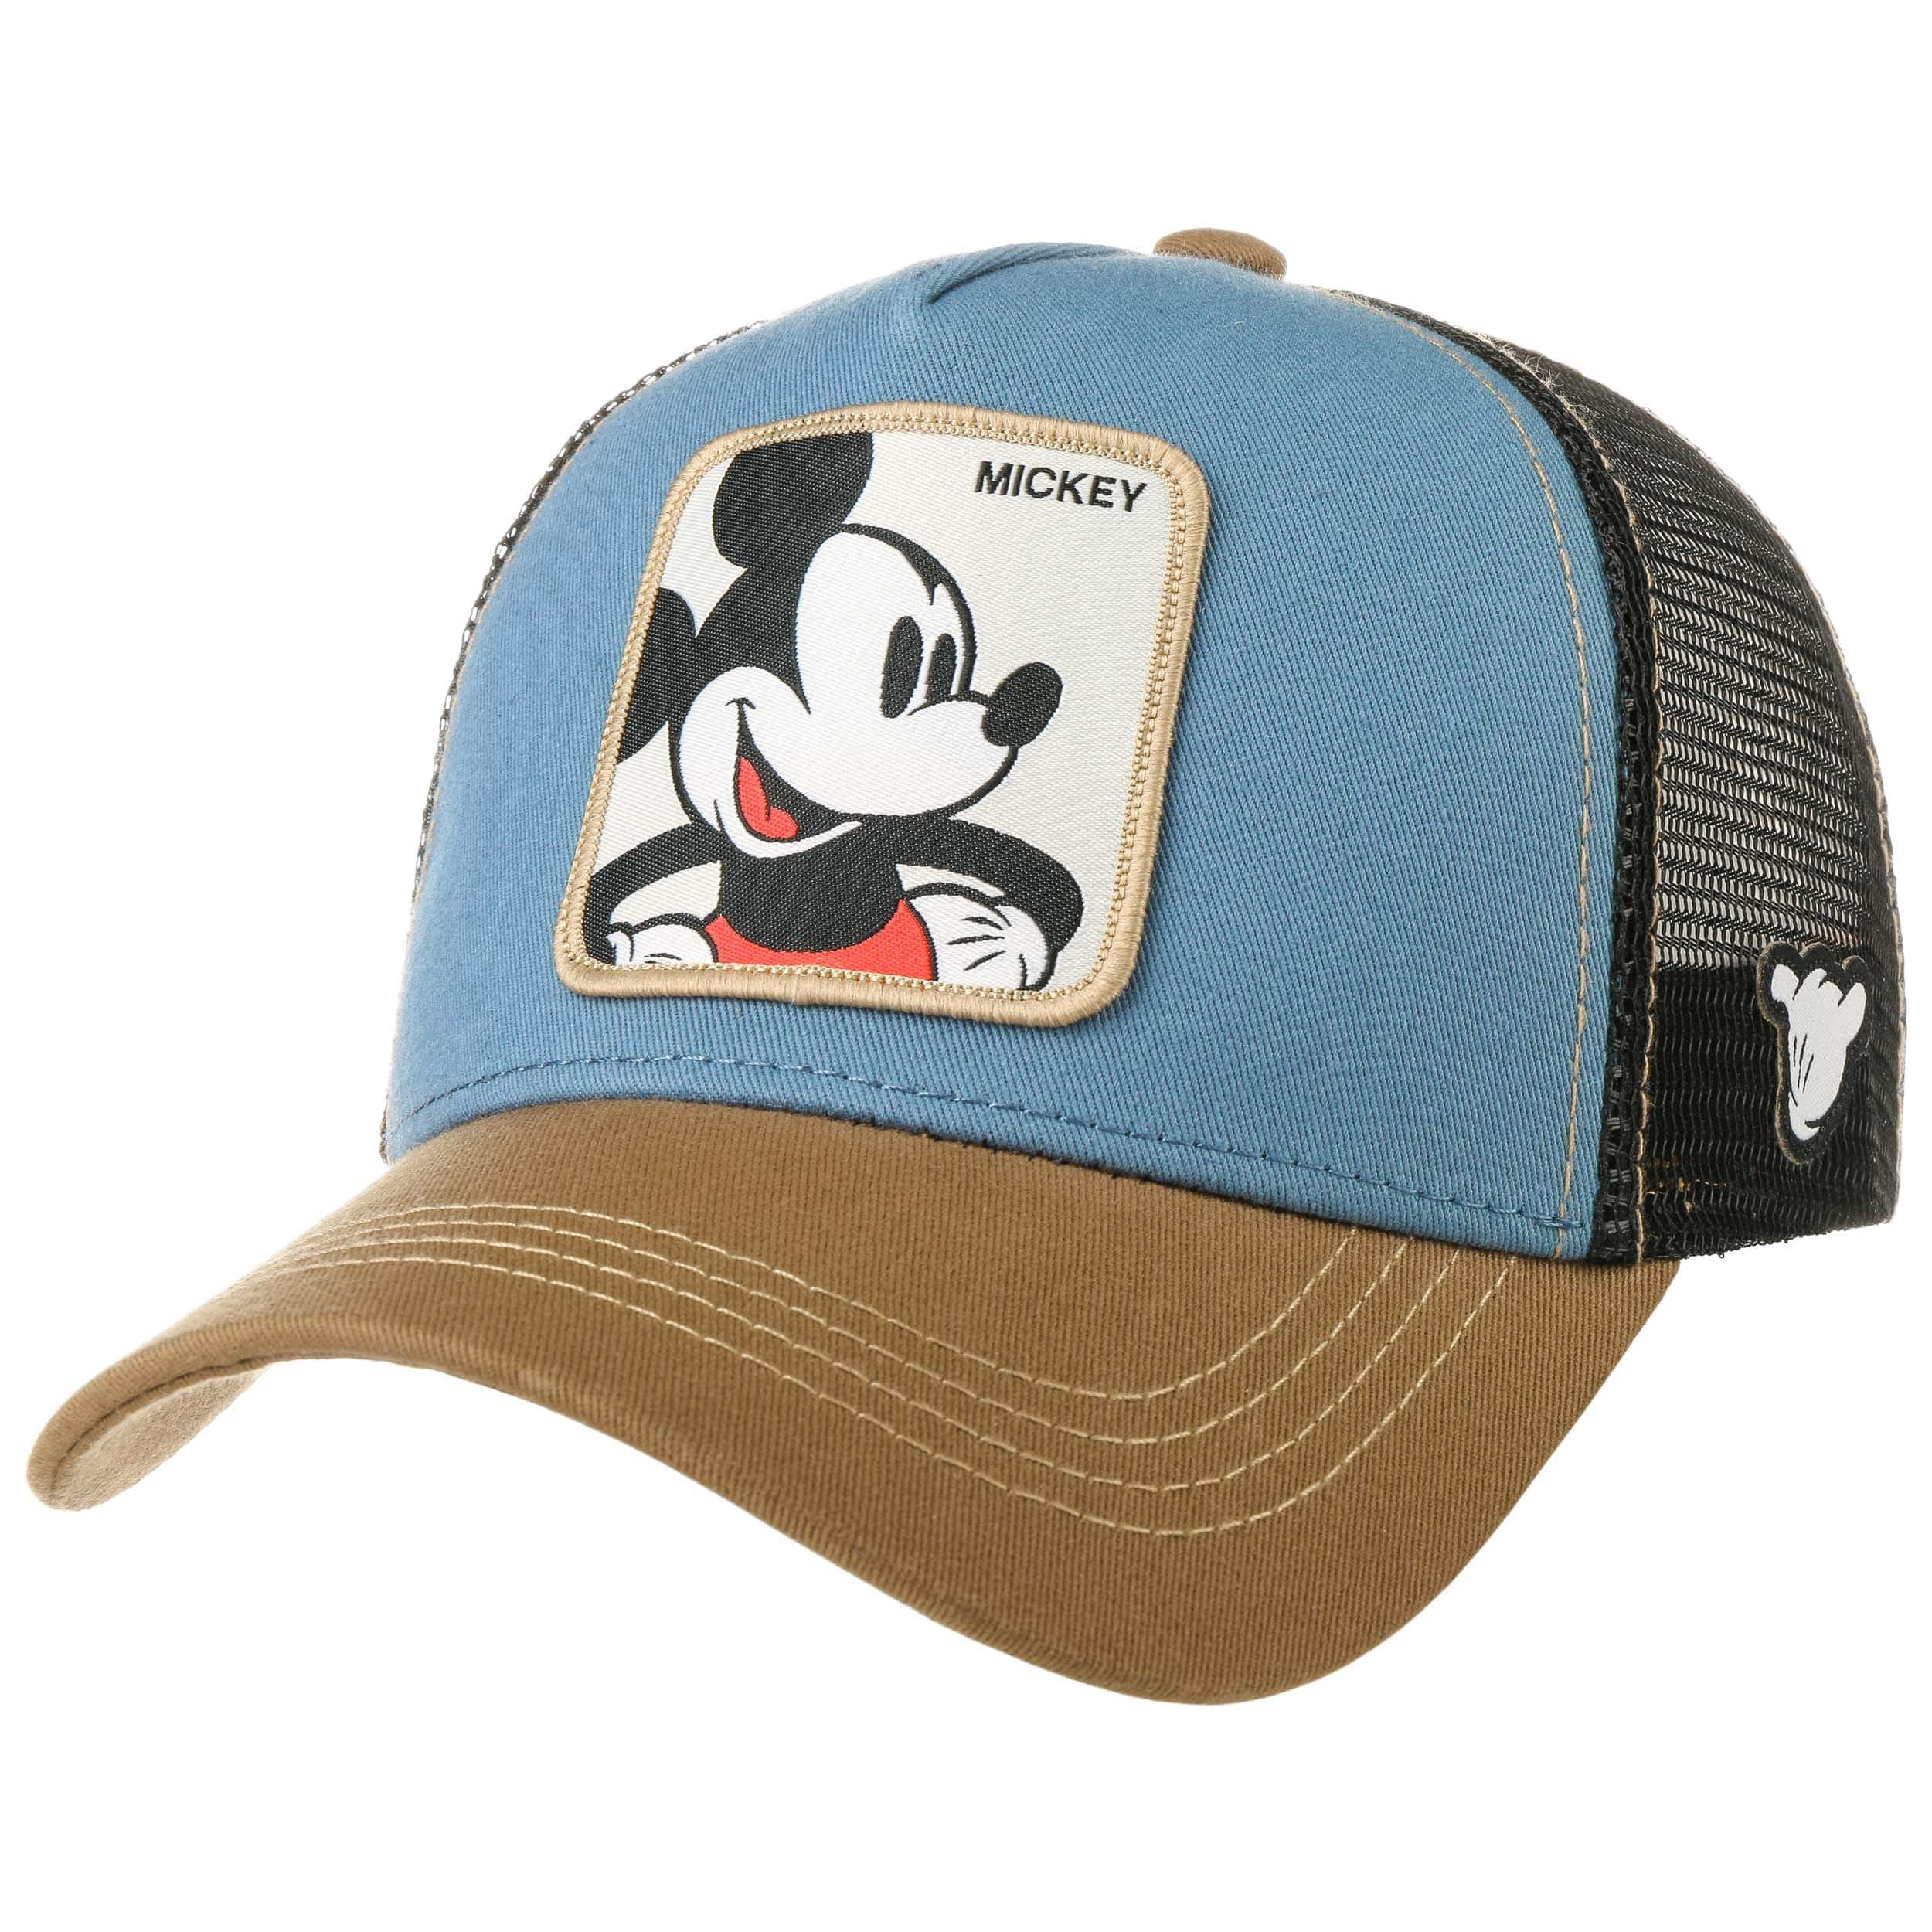 pas cher pour réduction promotion spéciale meilleure valeur Casquette Trucker Disney Mickey 1 by Capslab